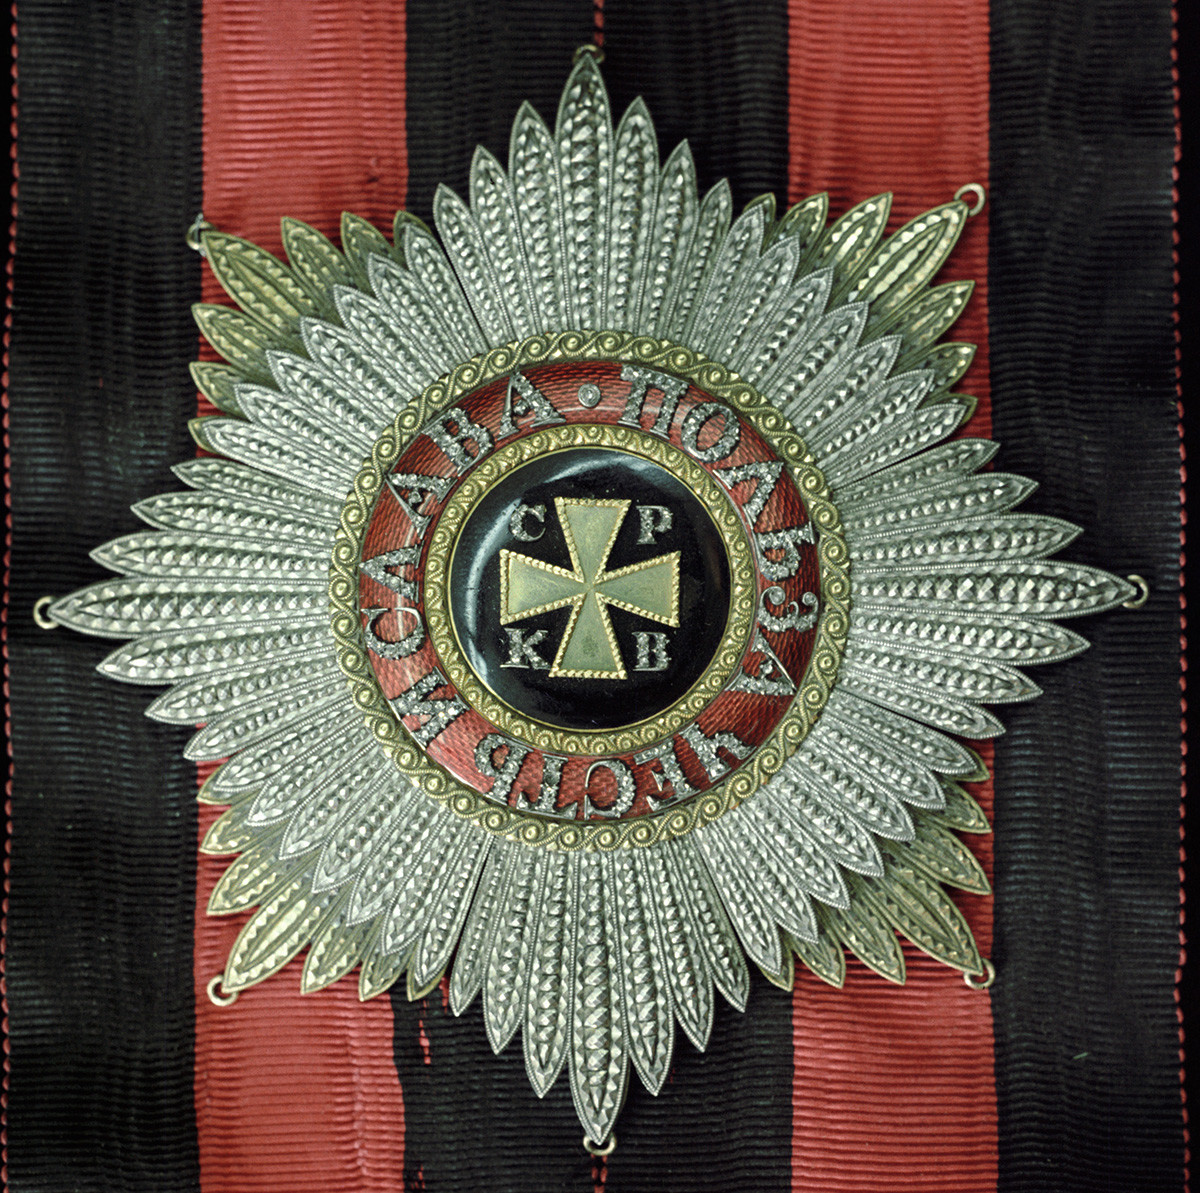 聖ウラジーミル勲章の星